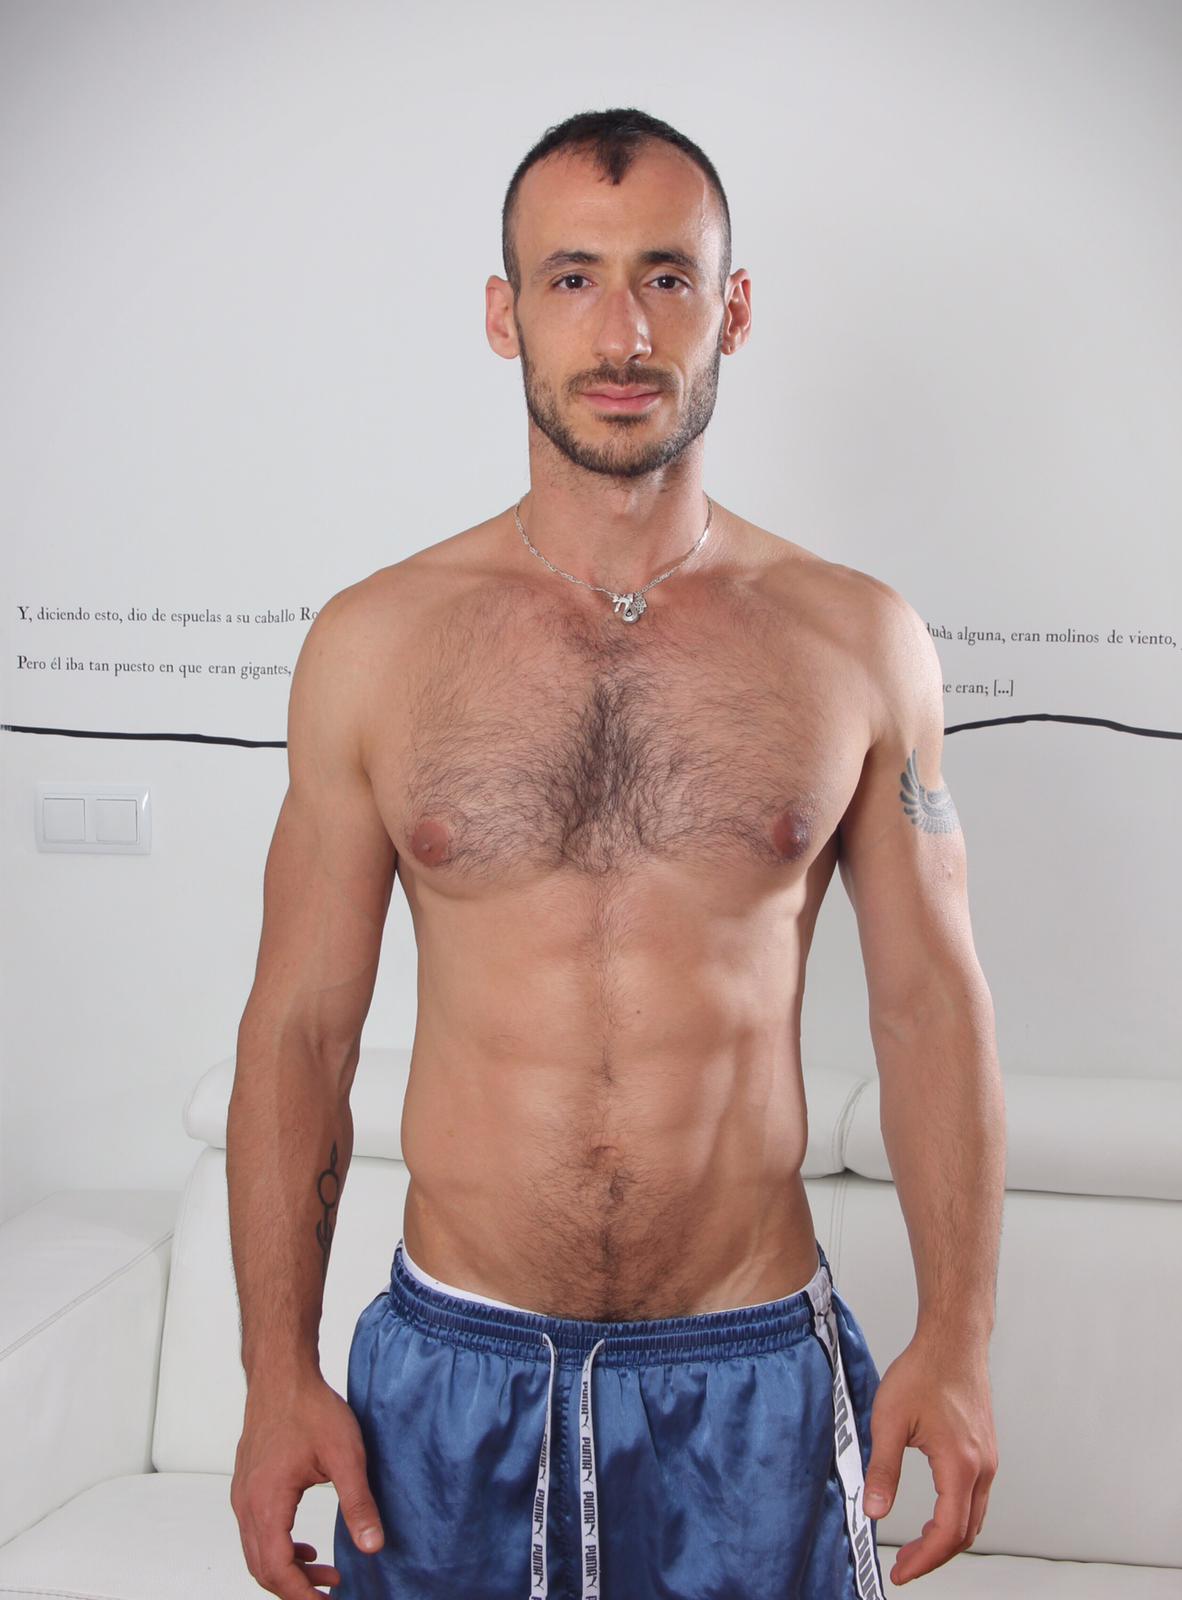 Actores Porno Esloveno Gays el actor porno gay ely chaim nos revela los secretos del